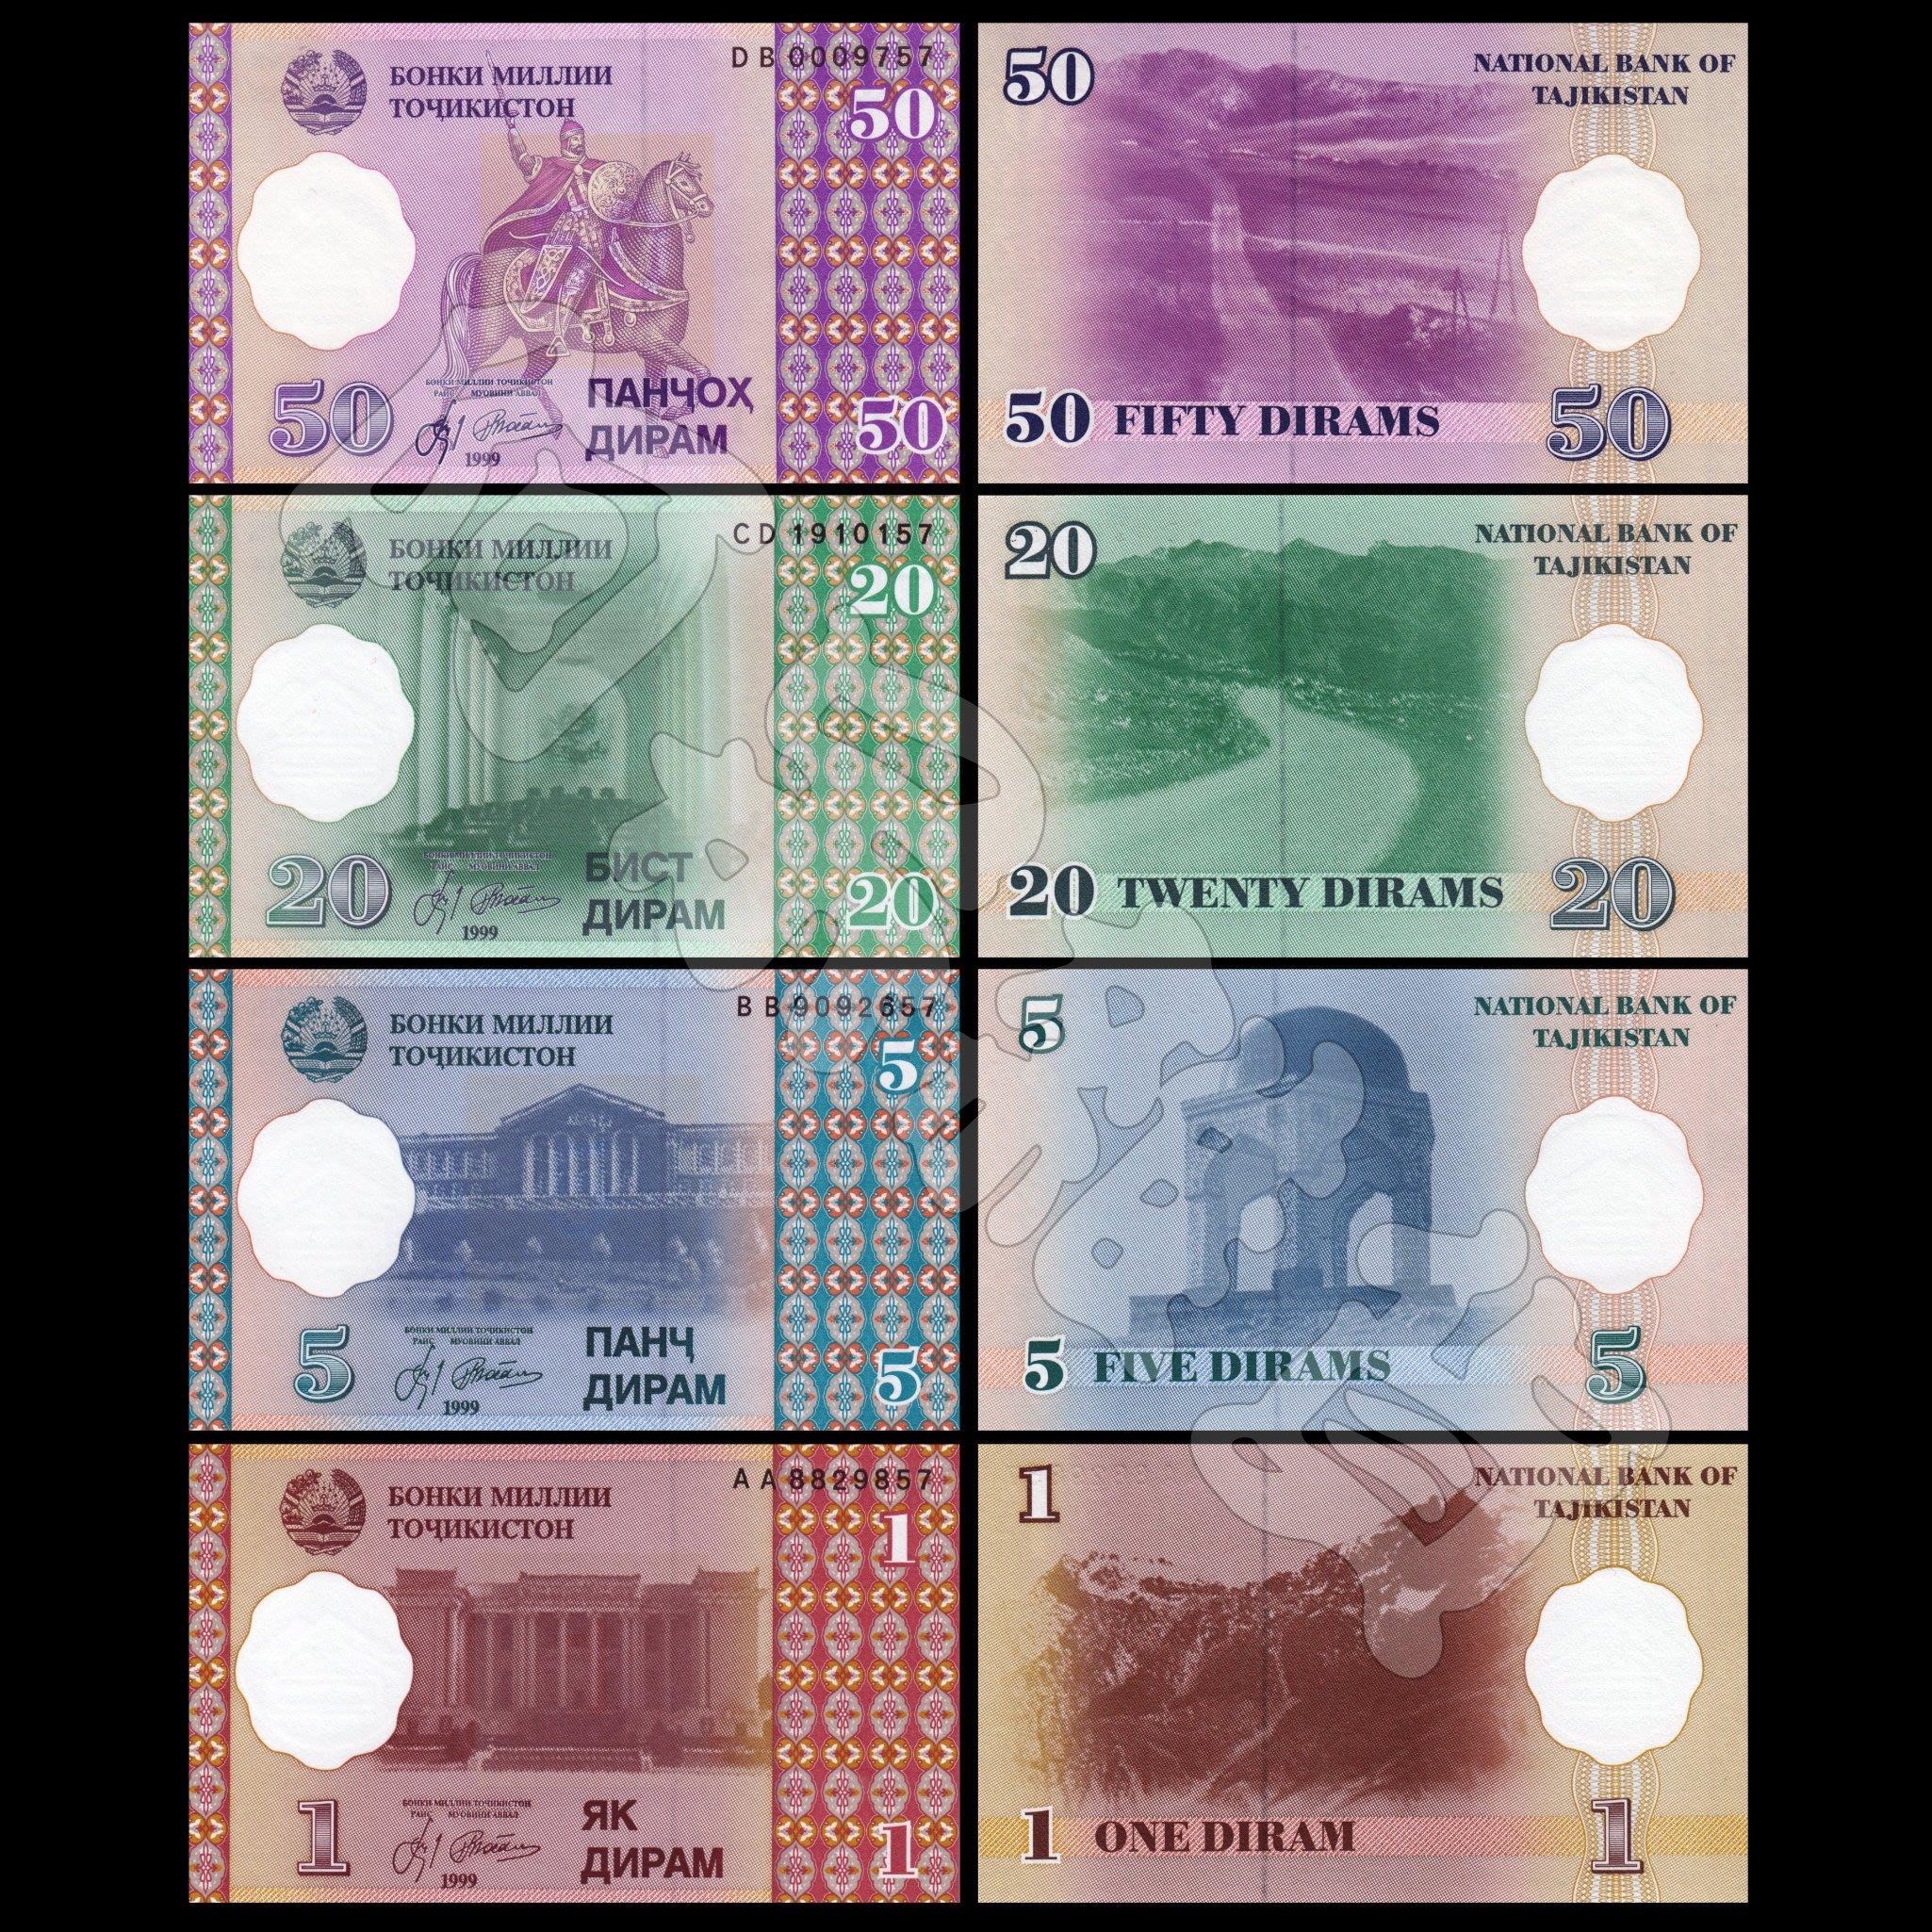 森羅本舖 現貨實拍 塔吉克斯坦 四張一套 1-50迪拉姆 1999年 共和國 小票幅 塔吉克 中亞大陸 外鈔 紙鈔 鈔票